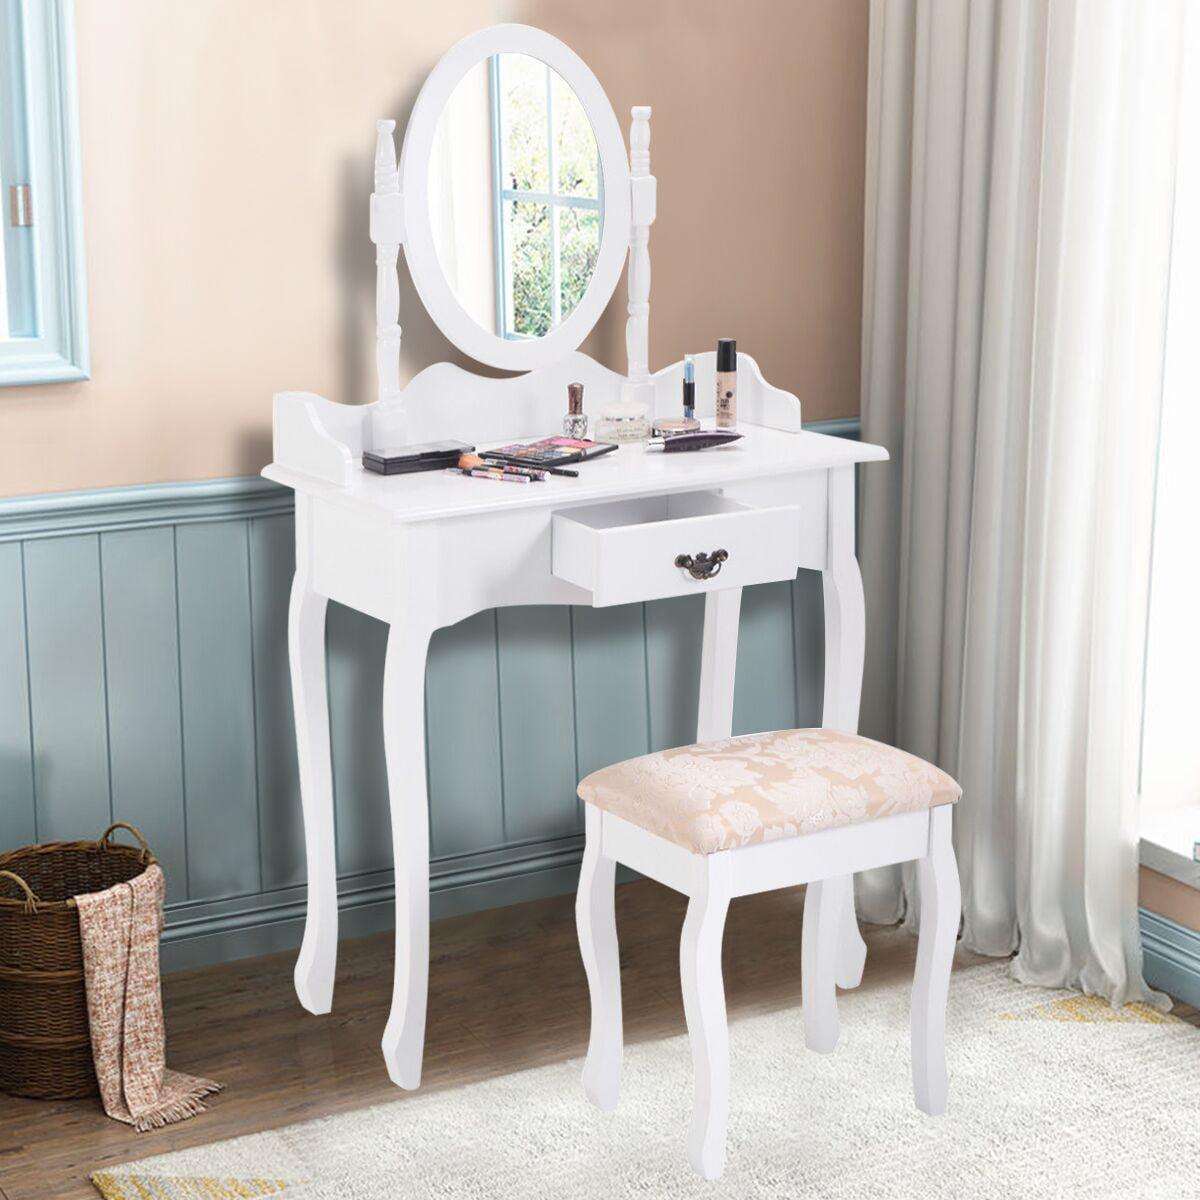 Costway Vanity Wood Makeup Dressing Table Stool Set Jewelry Desk W  Drawer &Mirror bathroom White by Costway